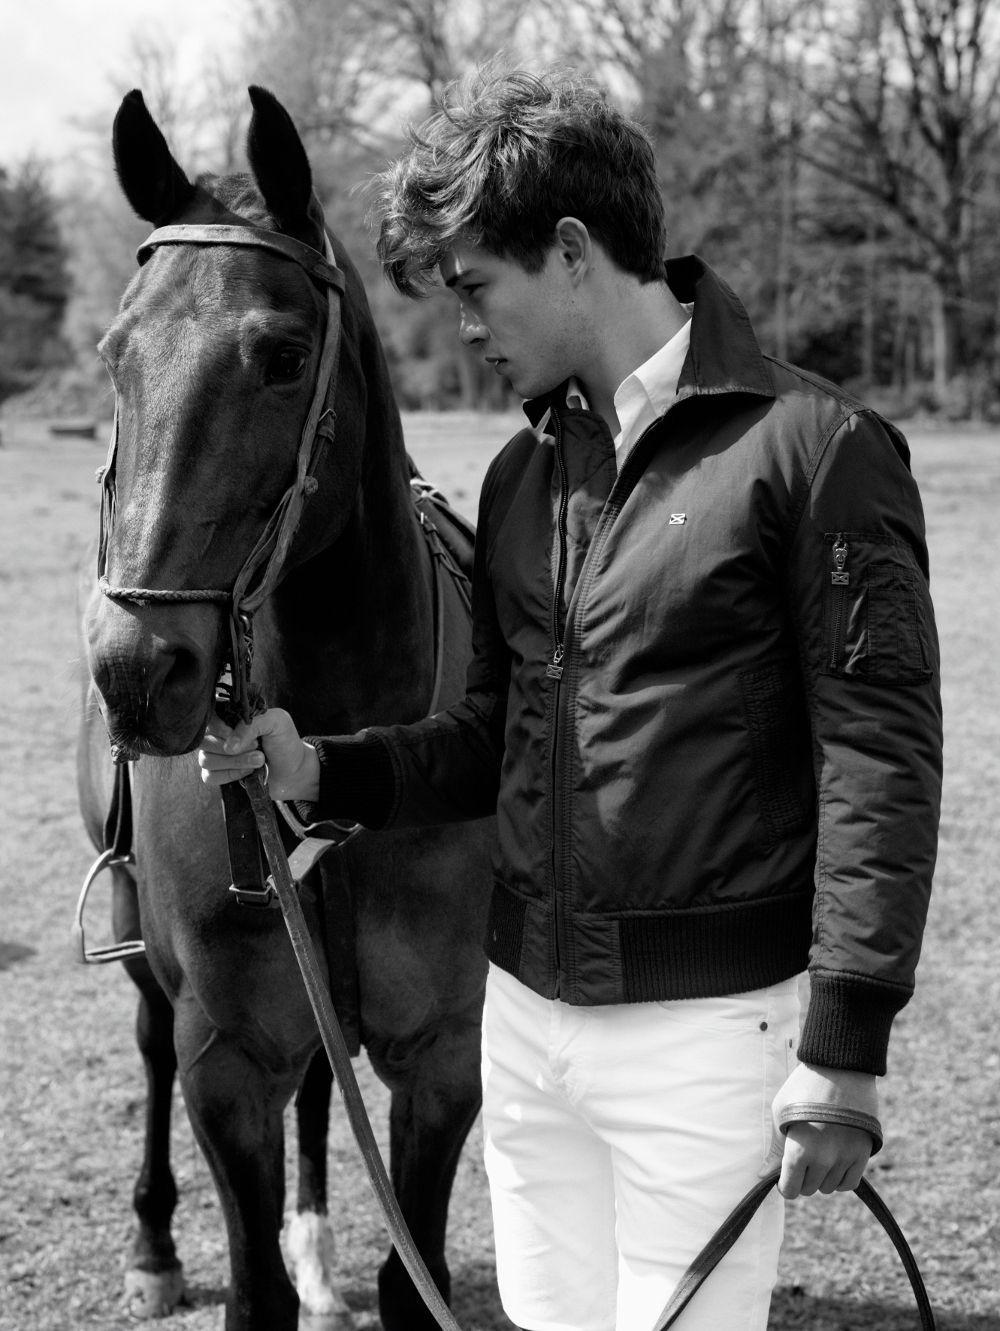 Красивые картинки с парнями лошадьми, открытка